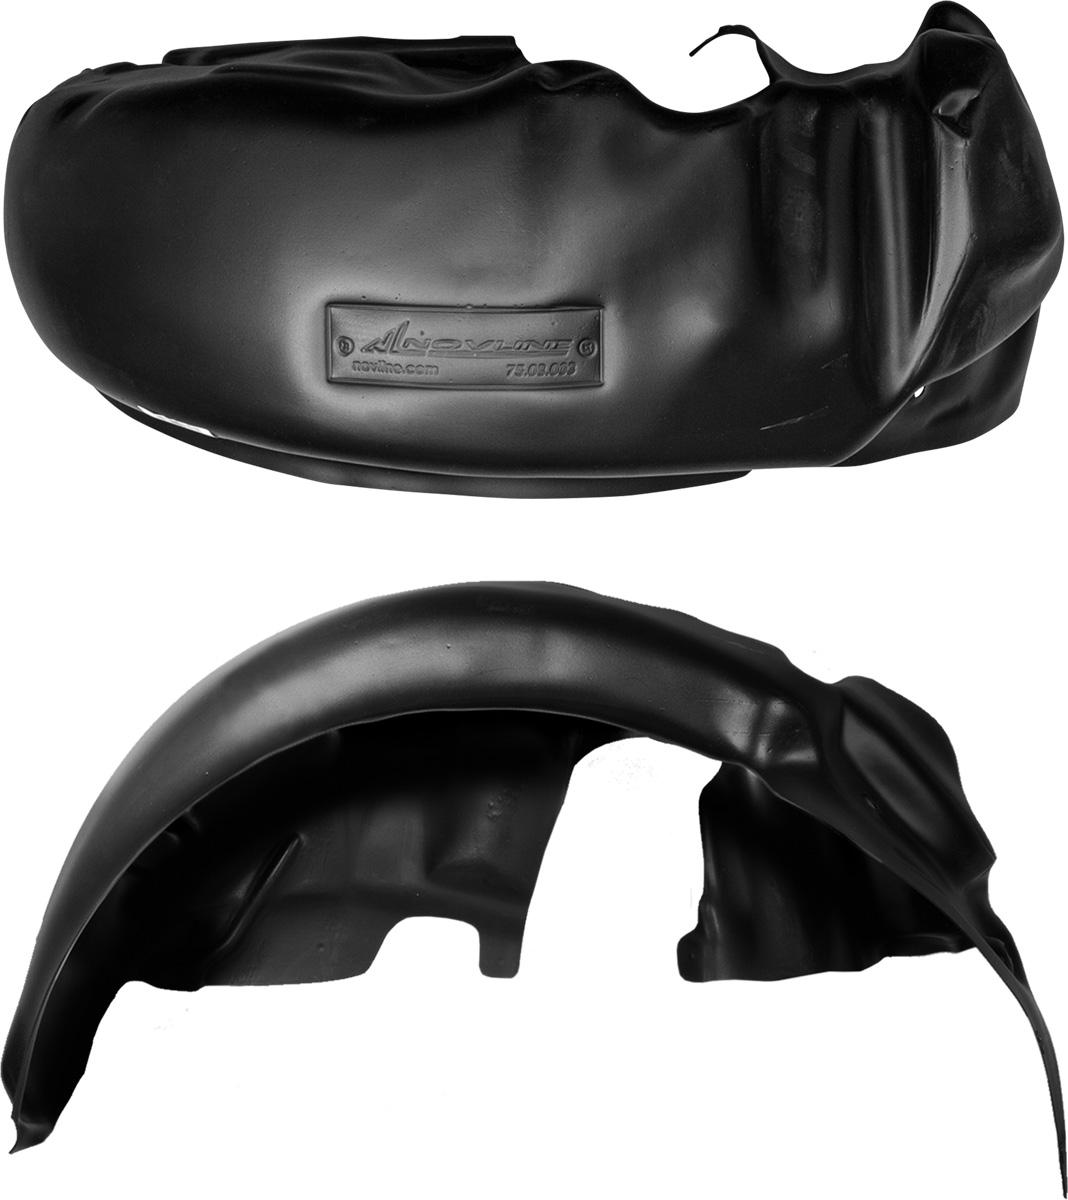 Подкрылок КIА Spectra 2005-2011, задний левый2706 (ПО)Колесные ниши – одни из самых уязвимых зон днища вашего автомобиля. Они постоянно подвергаются воздействию со стороны дороги. Лучшая, почти абсолютная защита для них - специально отформованные пластиковые кожухи, которые называются подкрылками, или локерами. Производятся они как для отечественных моделей автомобилей, так и для иномарок. Подкрылки выполнены из высококачественного, экологически чистого пластика. Обеспечивают надежную защиту кузова автомобиля от пескоструйного эффекта и негативного влияния, агрессивных антигололедных реагентов. Пластик обладает более низкой теплопроводностью, чем металл, поэтому в зимний период эксплуатации использование пластиковых подкрылков позволяет лучше защитить колесные ниши от налипания снега и образования наледи. Оригинальность конструкции подчеркивает элегантность автомобиля, бережно защищает нанесенное на днище кузова антикоррозийное покрытие и позволяет осуществить крепление подкрылков внутри колесной арки практически без дополнительного крепежа и сверления, не нарушая при этом лакокрасочного покрытия, что предотвращает возникновение новых очагов коррозии. Технология крепления подкрылков на иномарки принципиально отличается от крепления на российские автомобили и разрабатывается индивидуально для каждой модели автомобиля. Подкрылки долговечны, обладают высокой прочностью и сохраняют заданную форму, а также все свои физико-механические характеристики в самых тяжелых климатических условиях ( от -50° С до + 50° С).